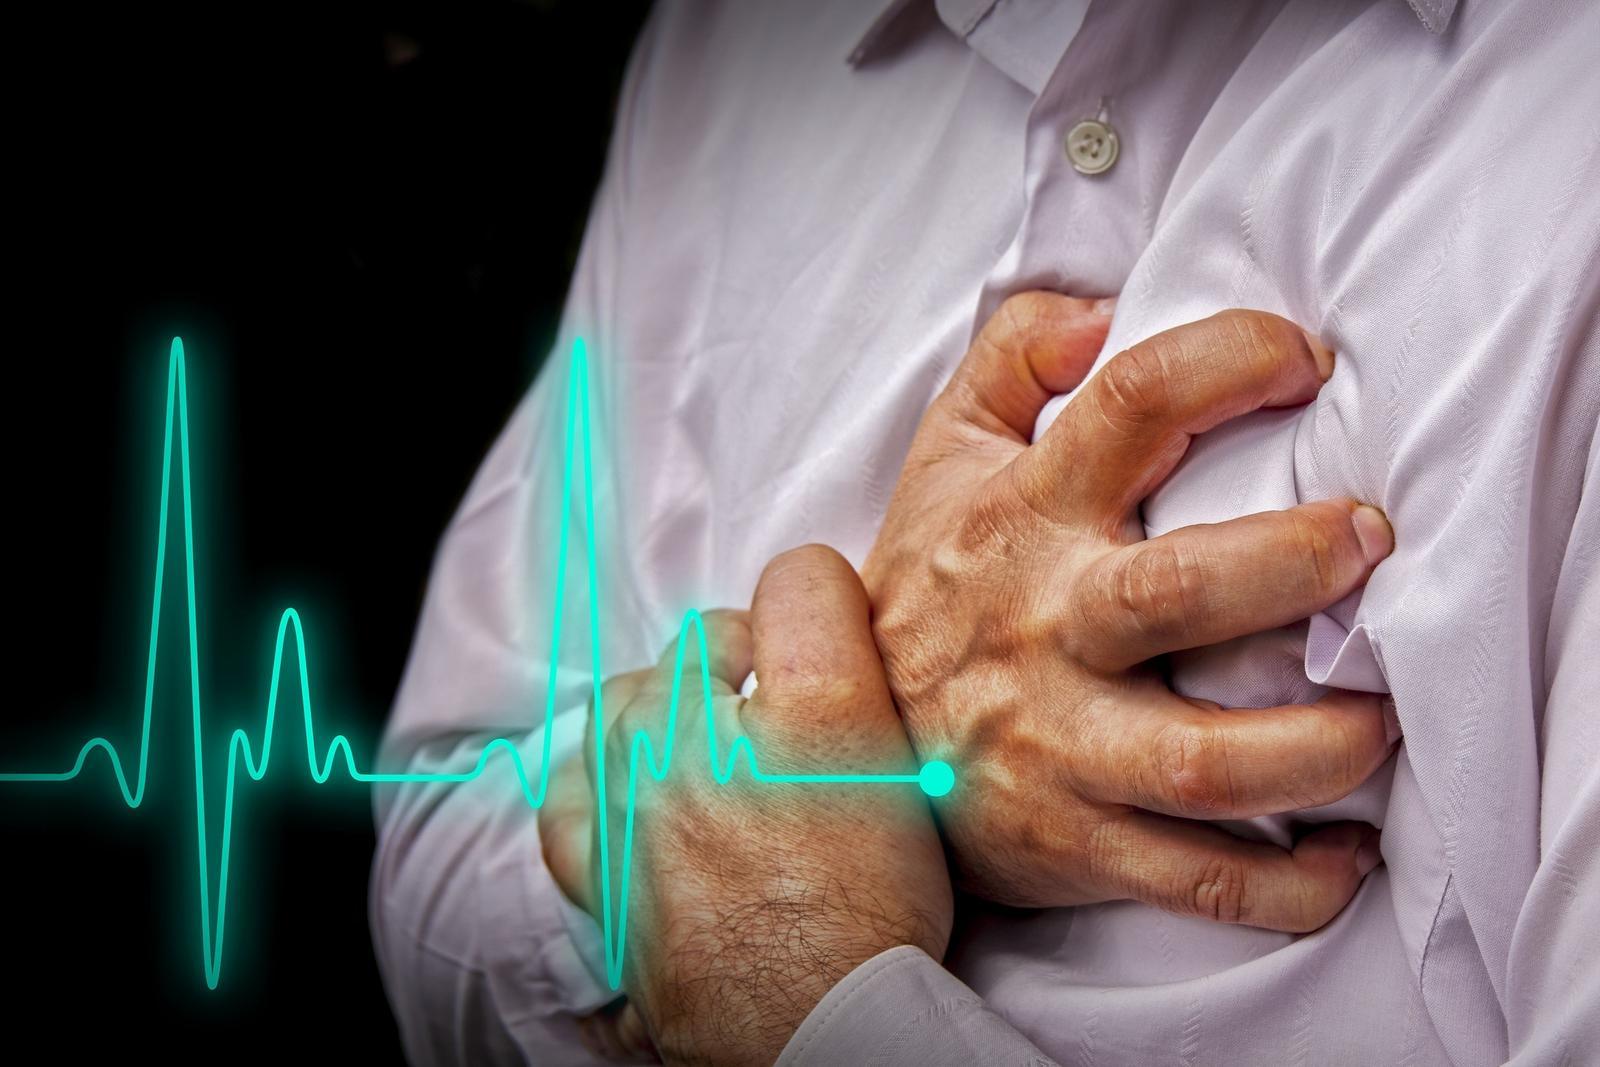 kaip užregistruoti neįgalumo hipertenziją